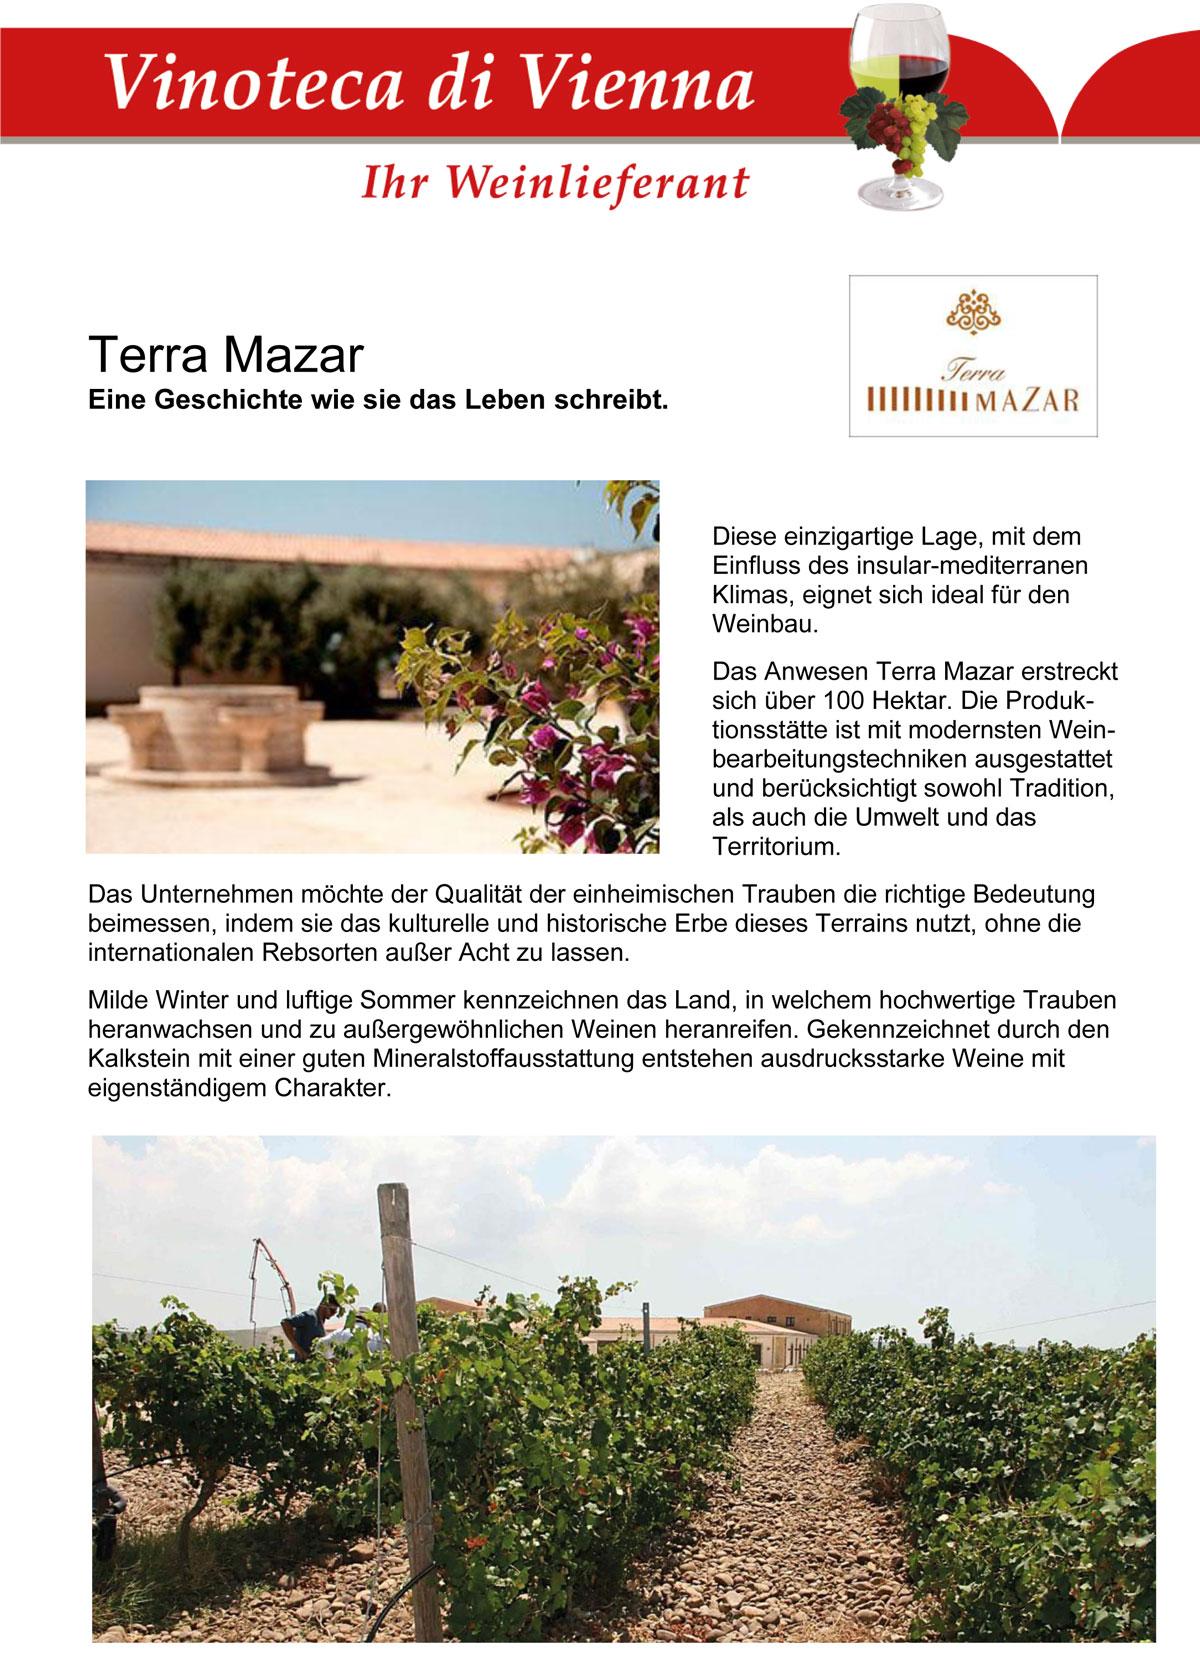 Terra Mazar, Eine Geschichte wie sie das Leben schreibt. Italien, Sizilien, Mazara del Vallo